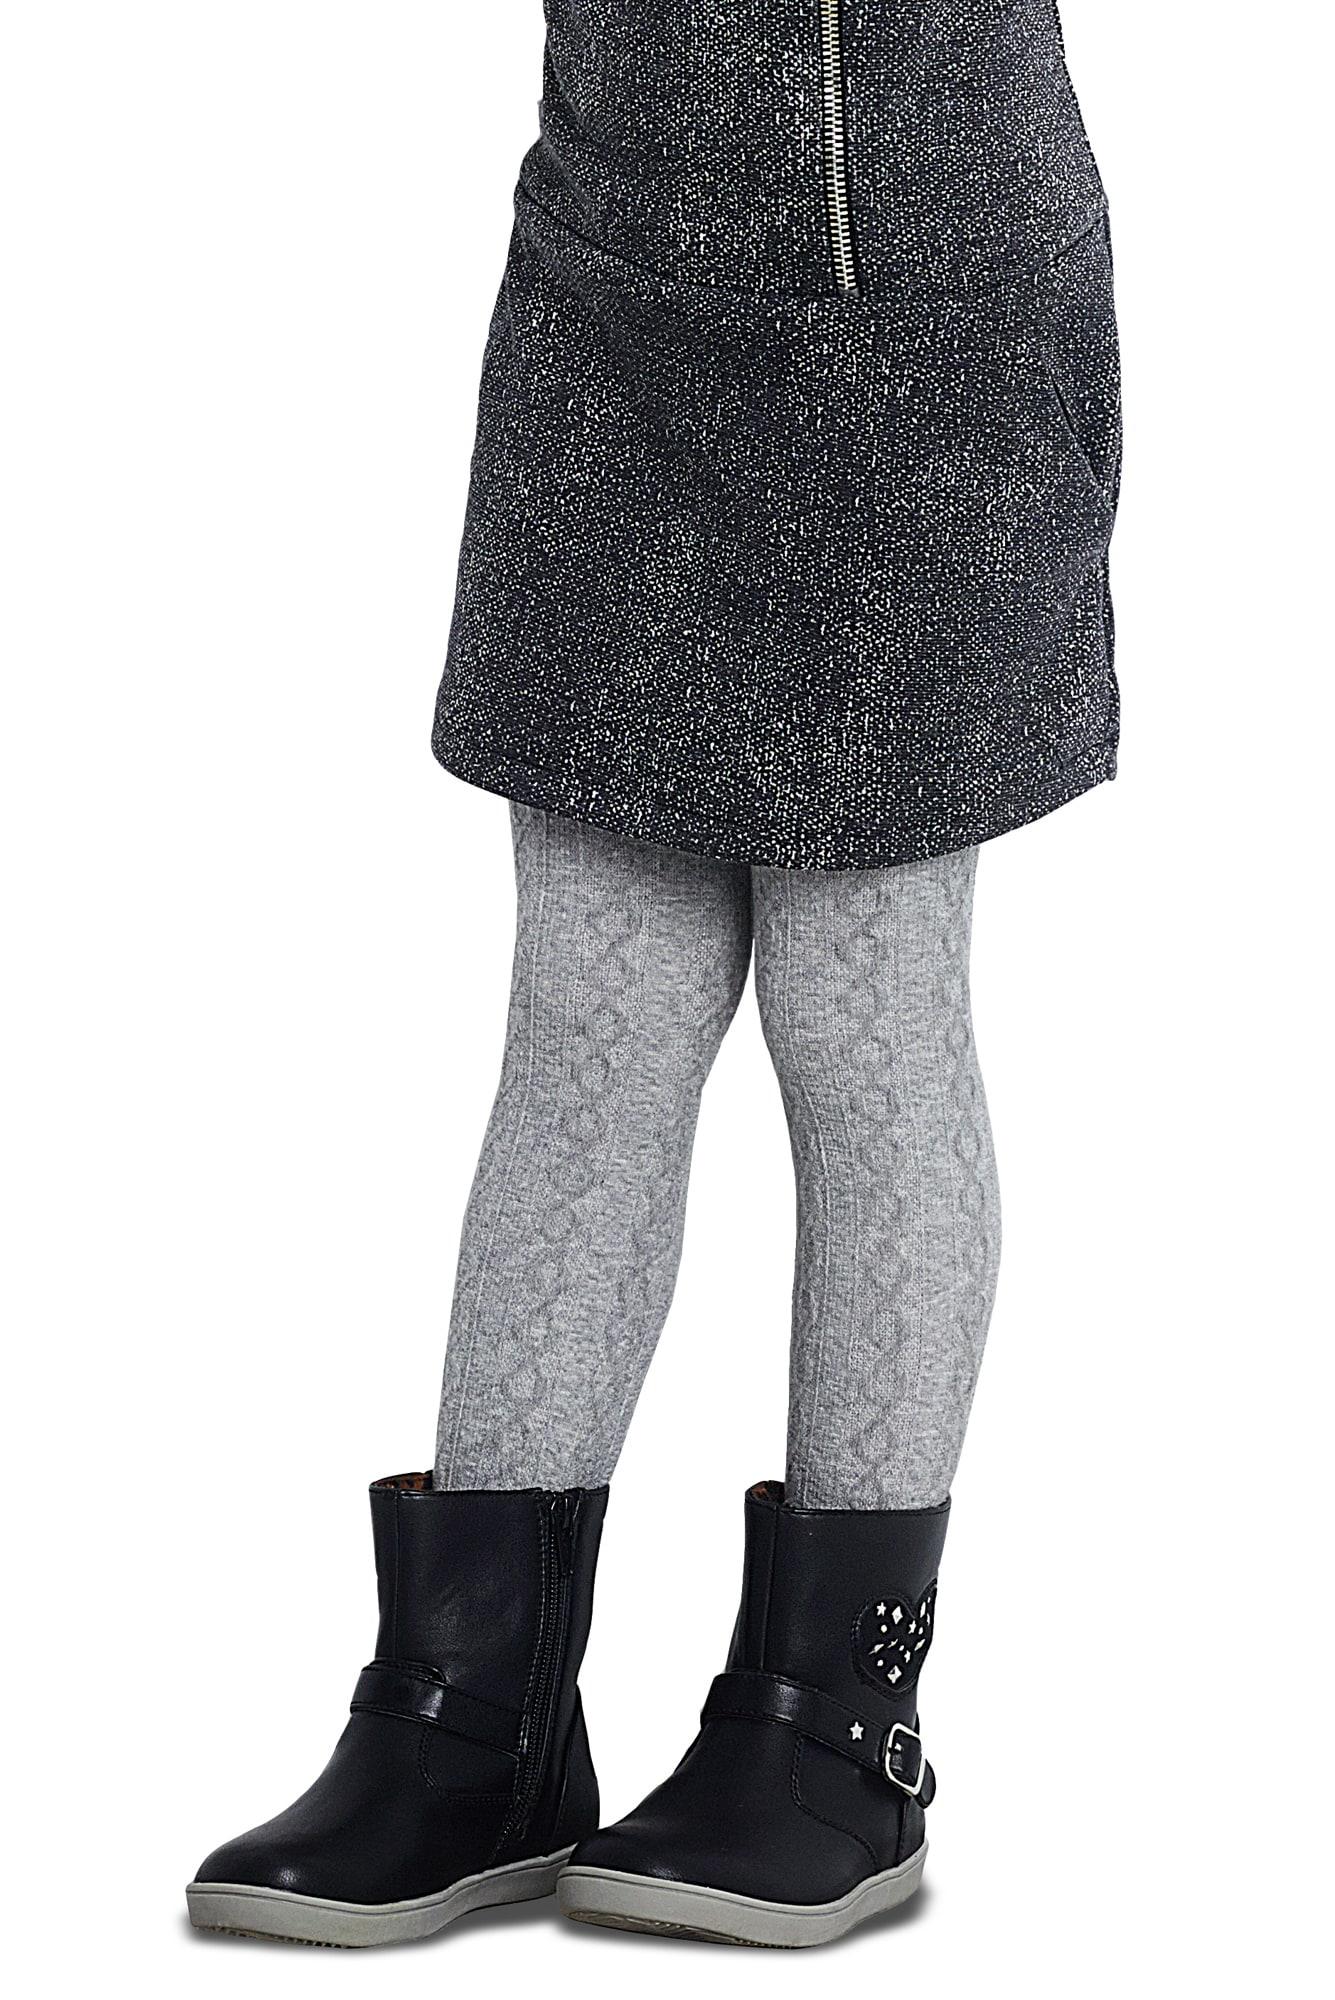 پنتی | Penti - جوراب شلواری دخترانه طرح Karina رنگ طوسی